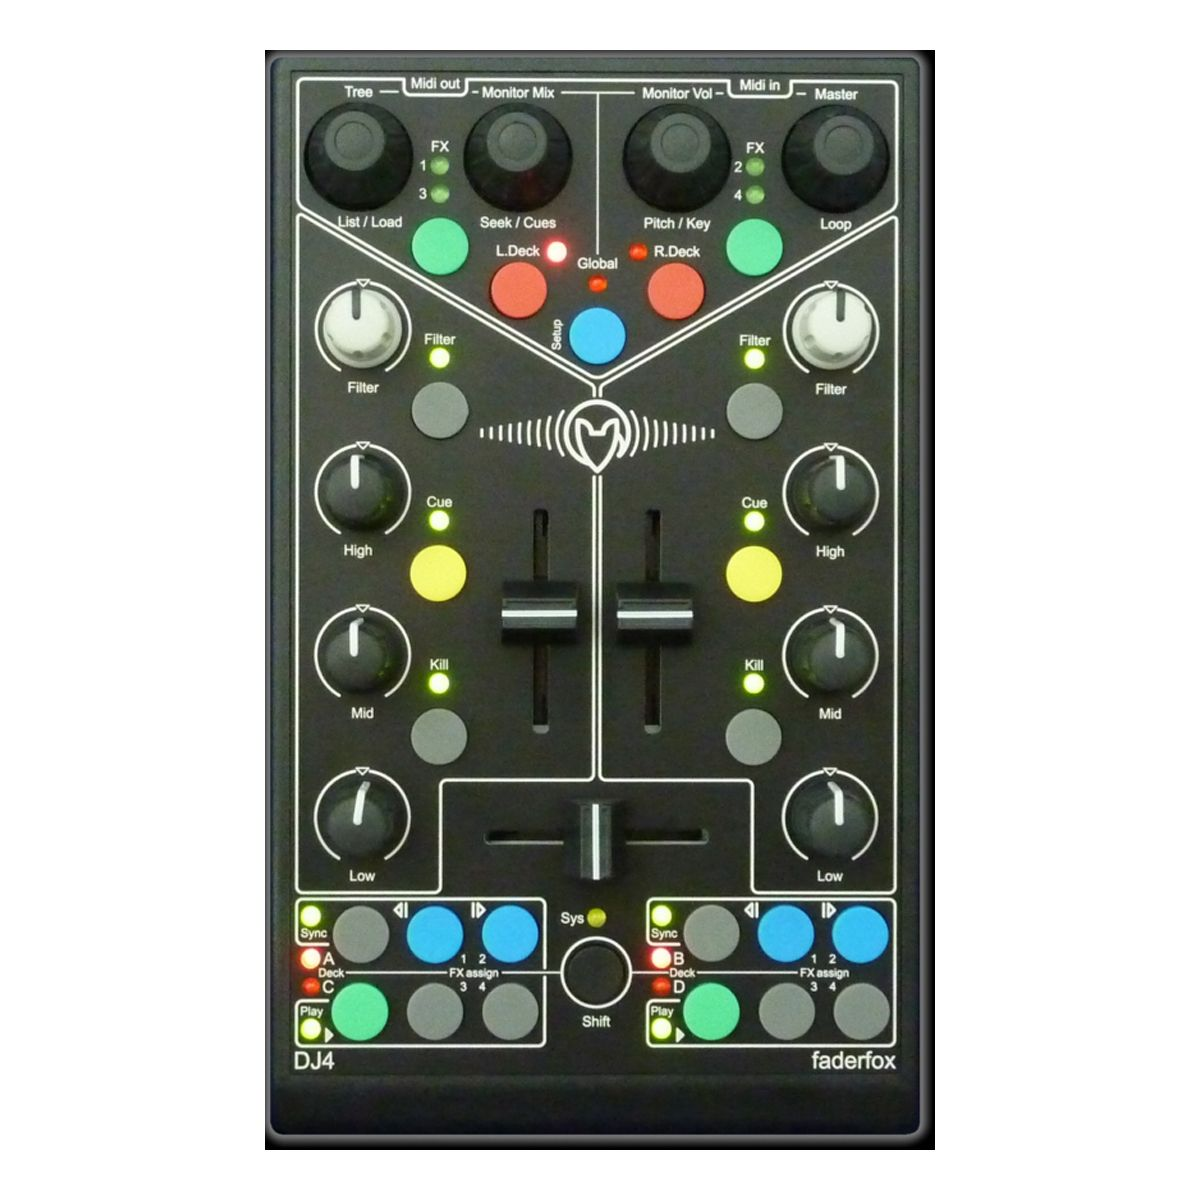 FaderfoxDJ4 USB DJ MIDI Controller